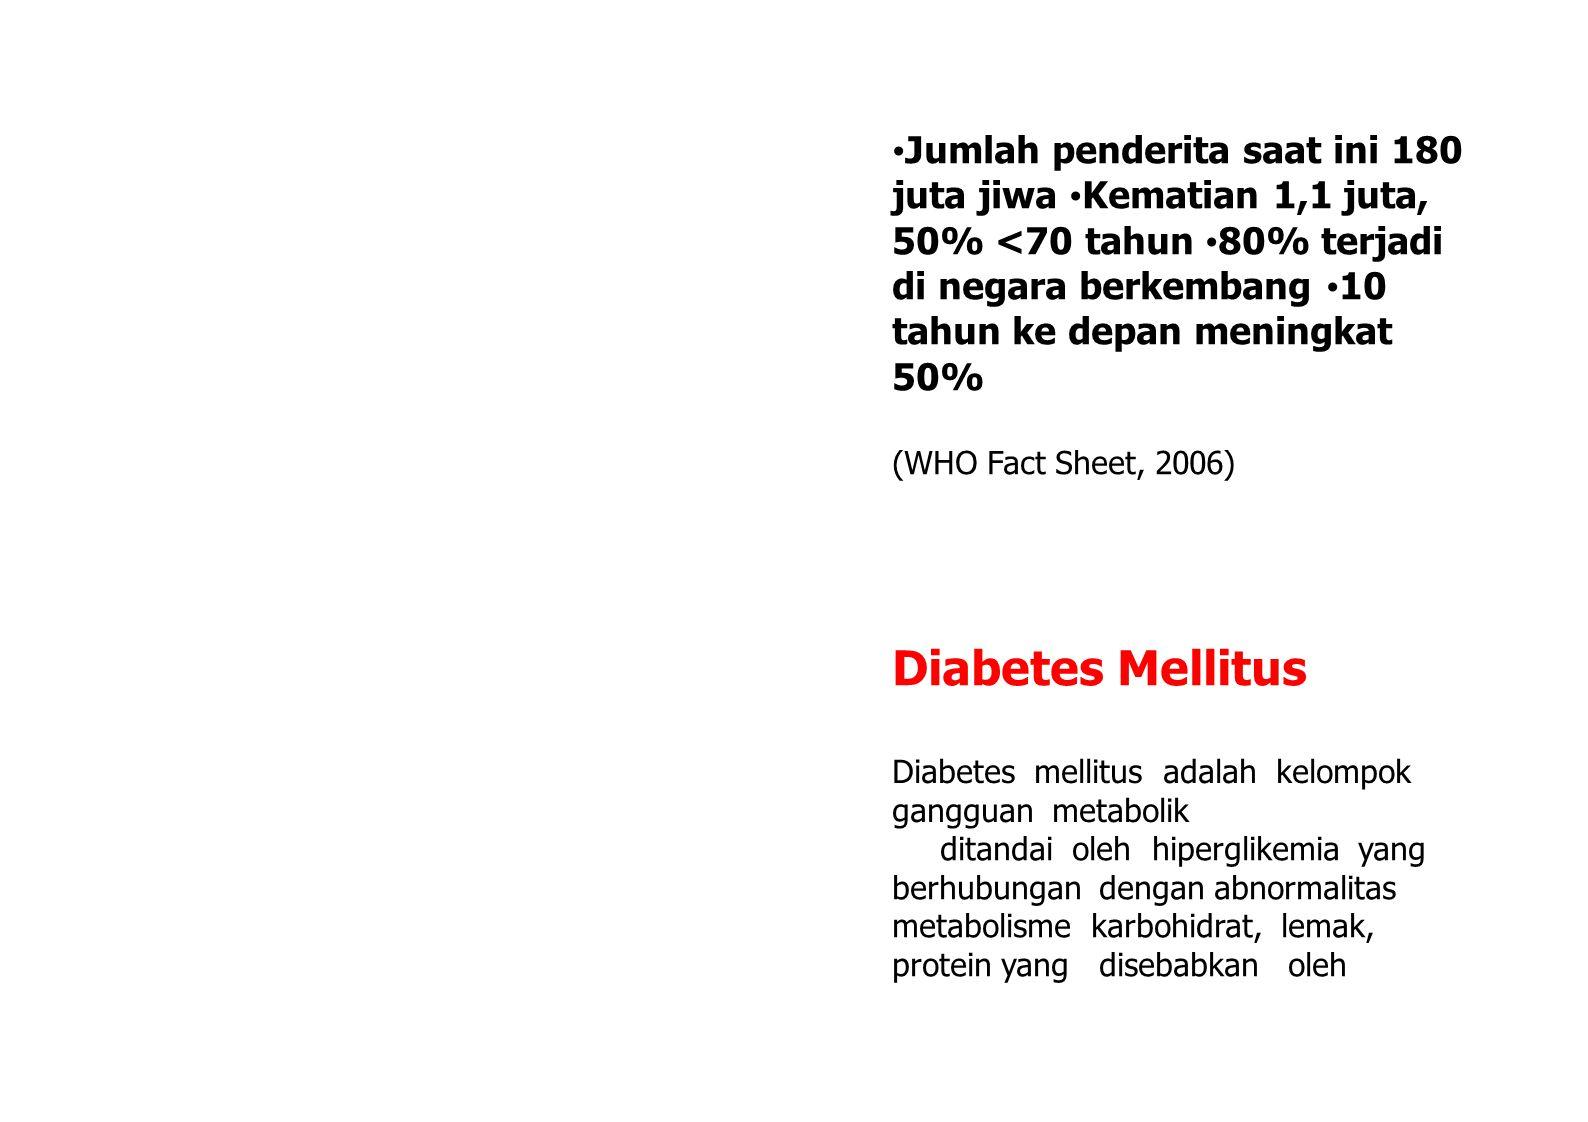 kurangnya sekresi insulin, sensitifitas insulin, atau keduanya Disebabkan oleh : Kerusakan sel β pankreas infeksi virus autoimun Defisiensi insulin Resistensi insulin (Ganong, 2006) Faktor genetik lainnya Terapi Tujuan: